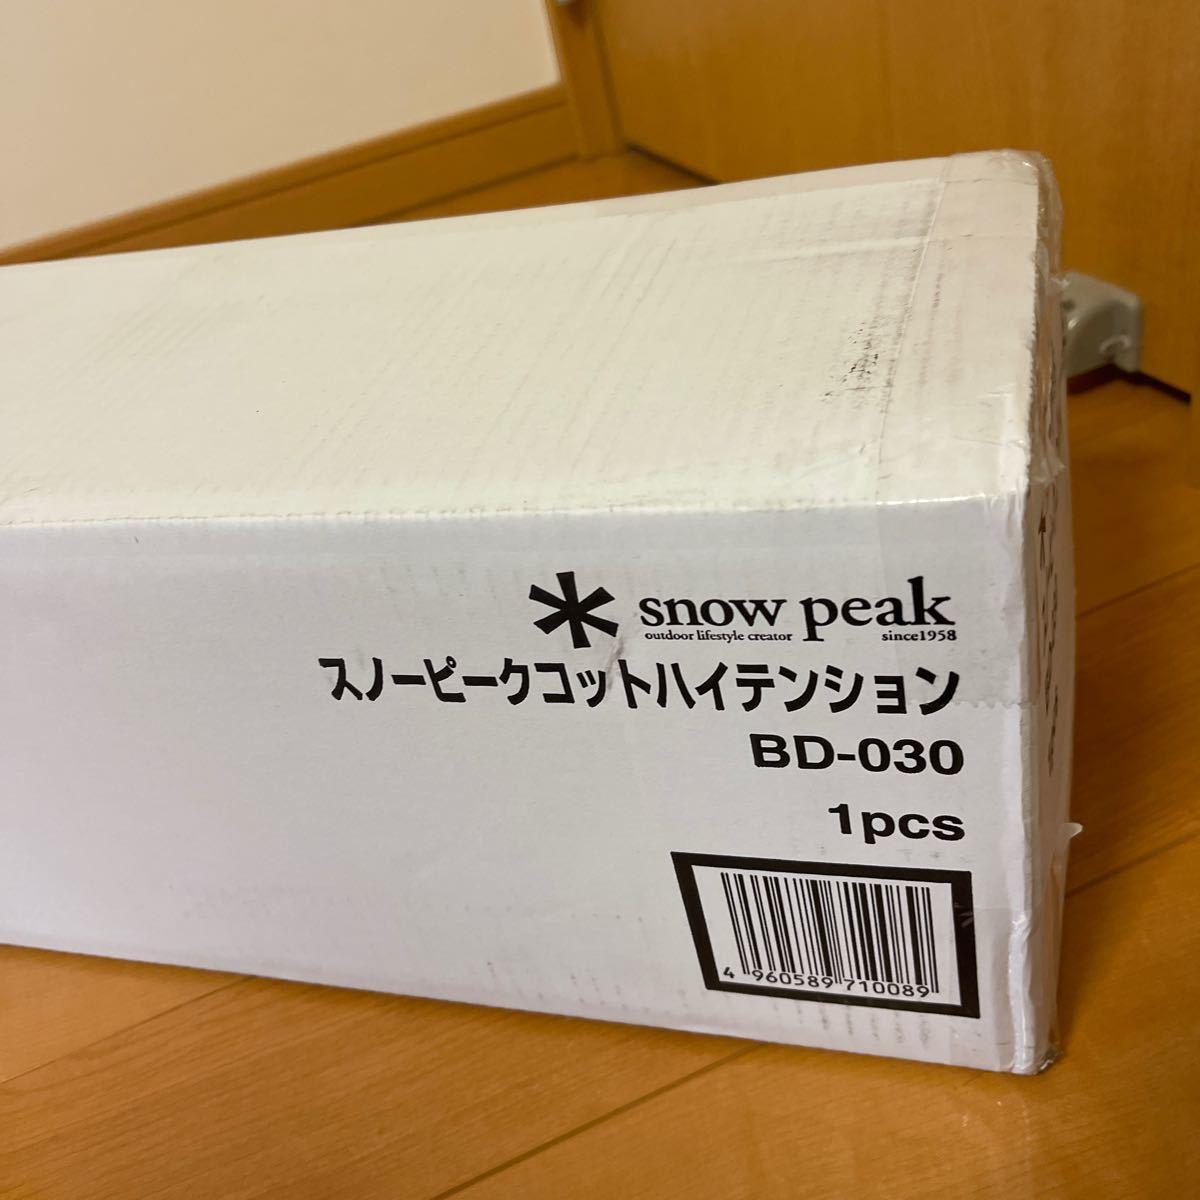 snow peak スノーピーク スノーピークコット ハイテンション BD-030 新品未使用未開封